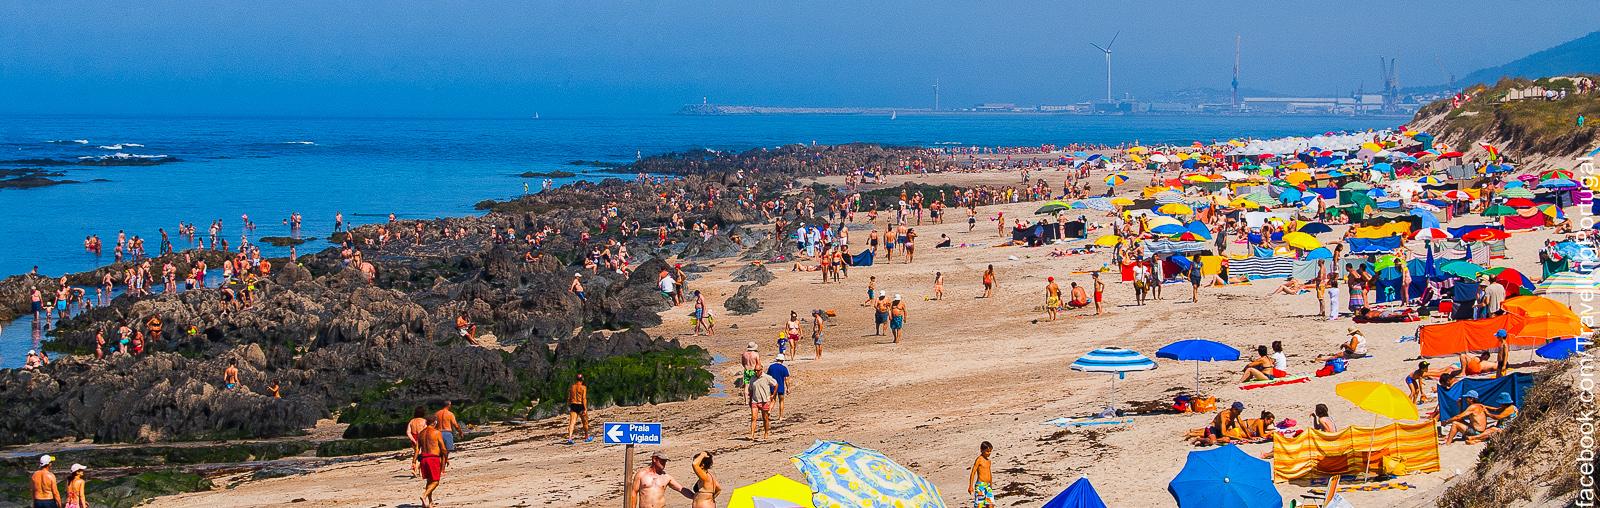 Praia de amorosa beach viana do castelo tourism portugal - Viana do castelo portugal ...